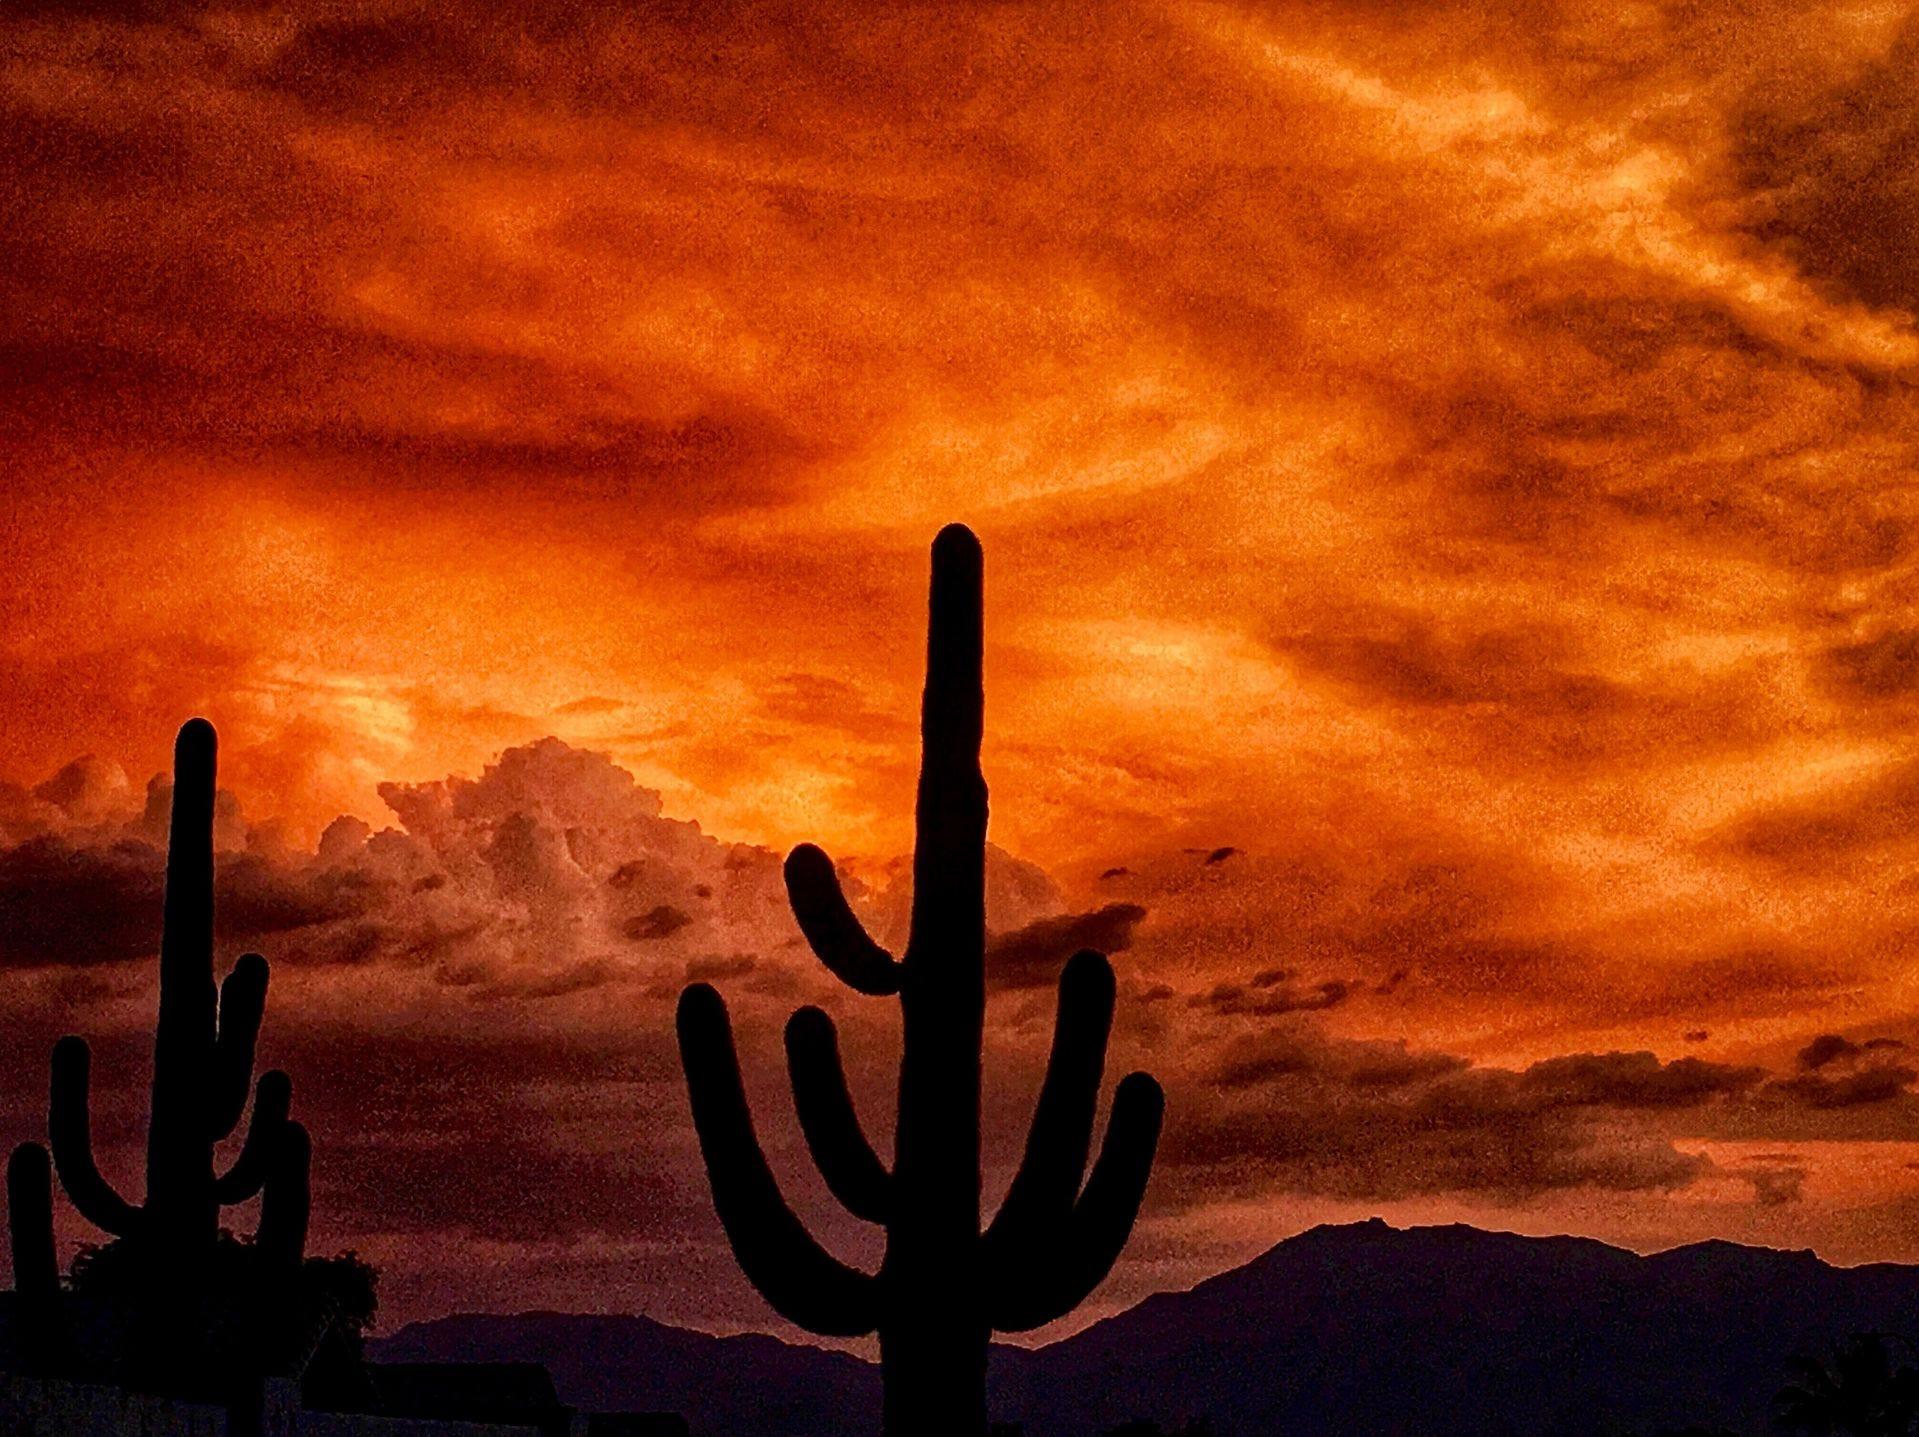 Arizona tiene espectacular puesta de sol después de un monzón.